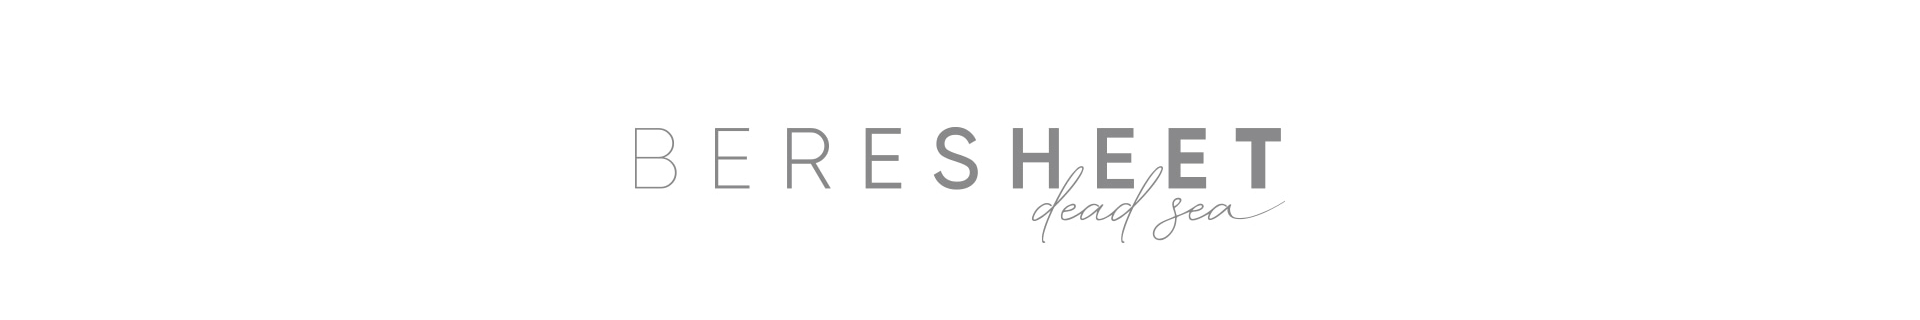 Beresheet image